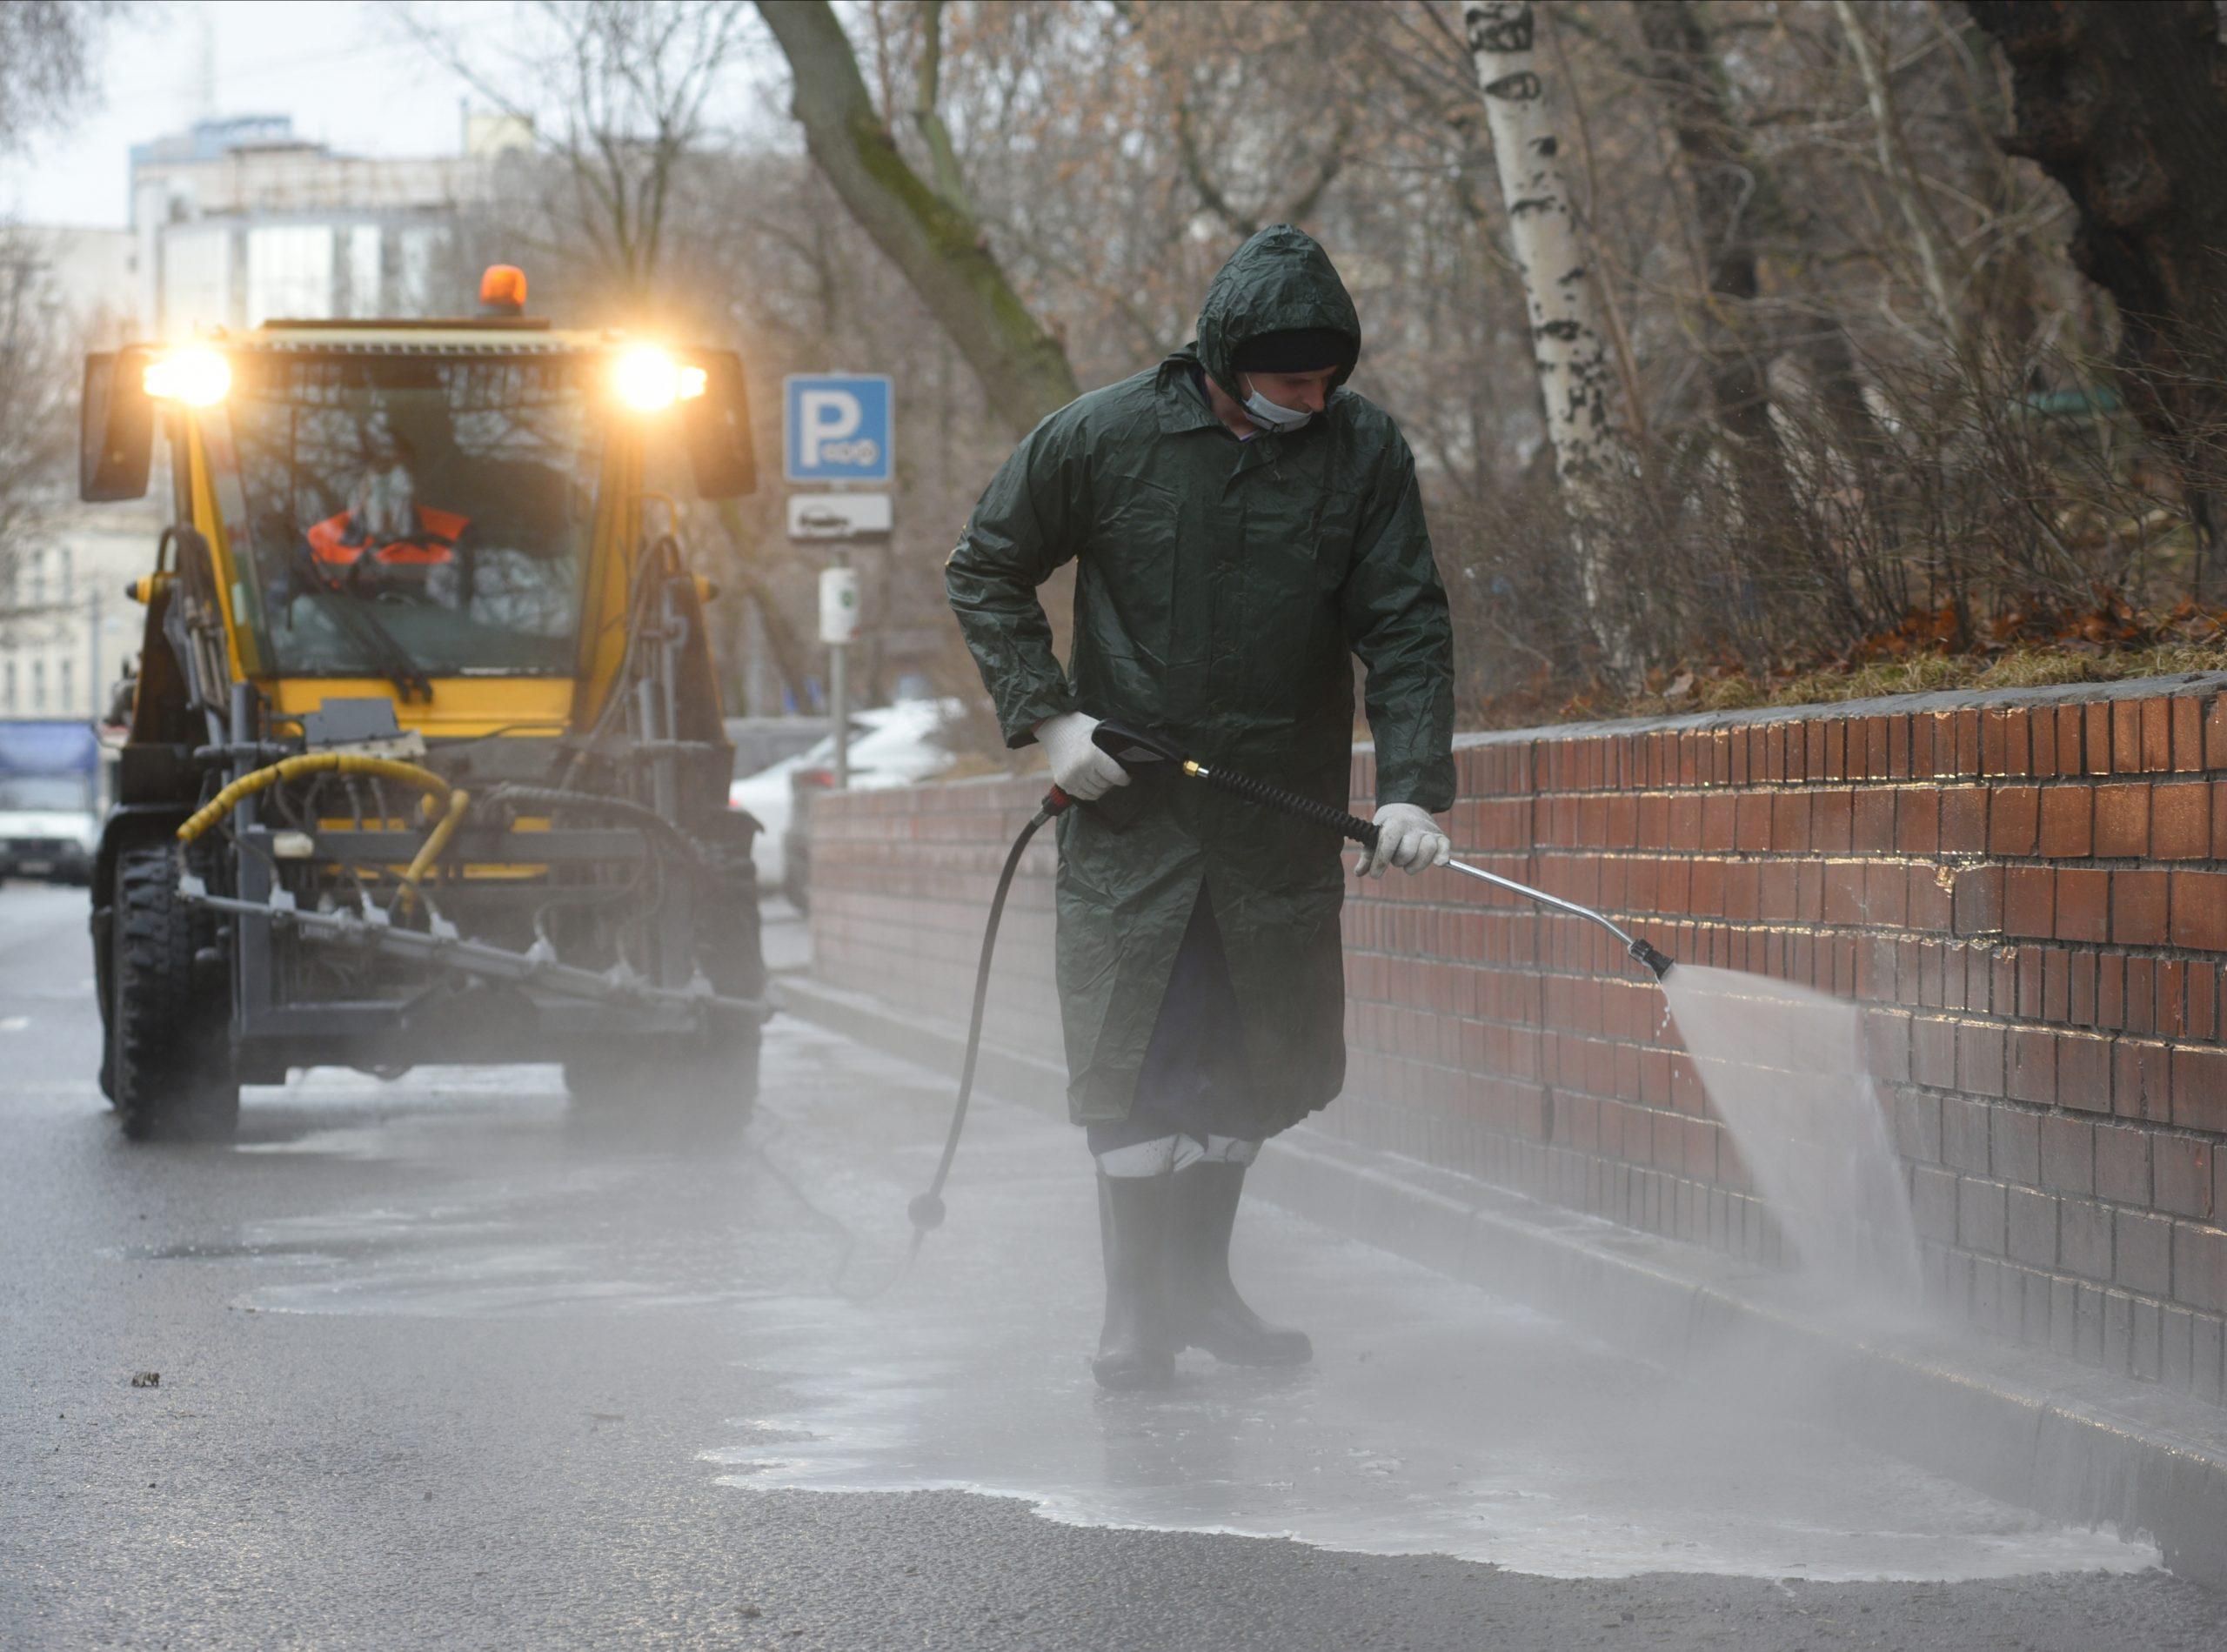 Работник ГБУ «Жилищник Мещанского района» Евгений Бочаров промывает мостовую. Фото: Александр Кожохин